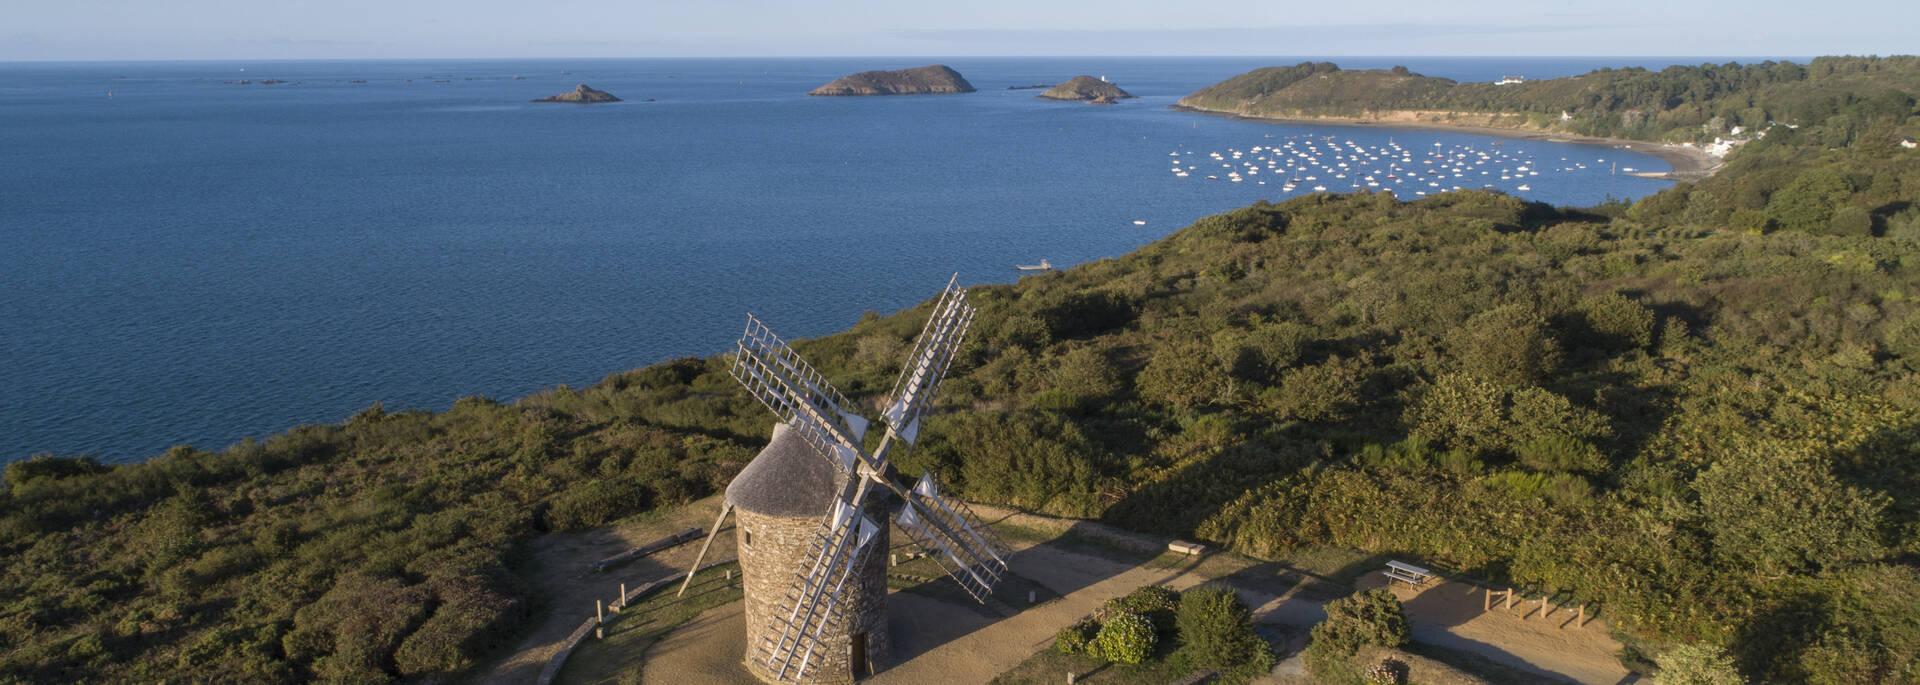 Vue aérienne sur le moulin à vent de Craca à Plouézec ©Meriglier Jean-Philippe